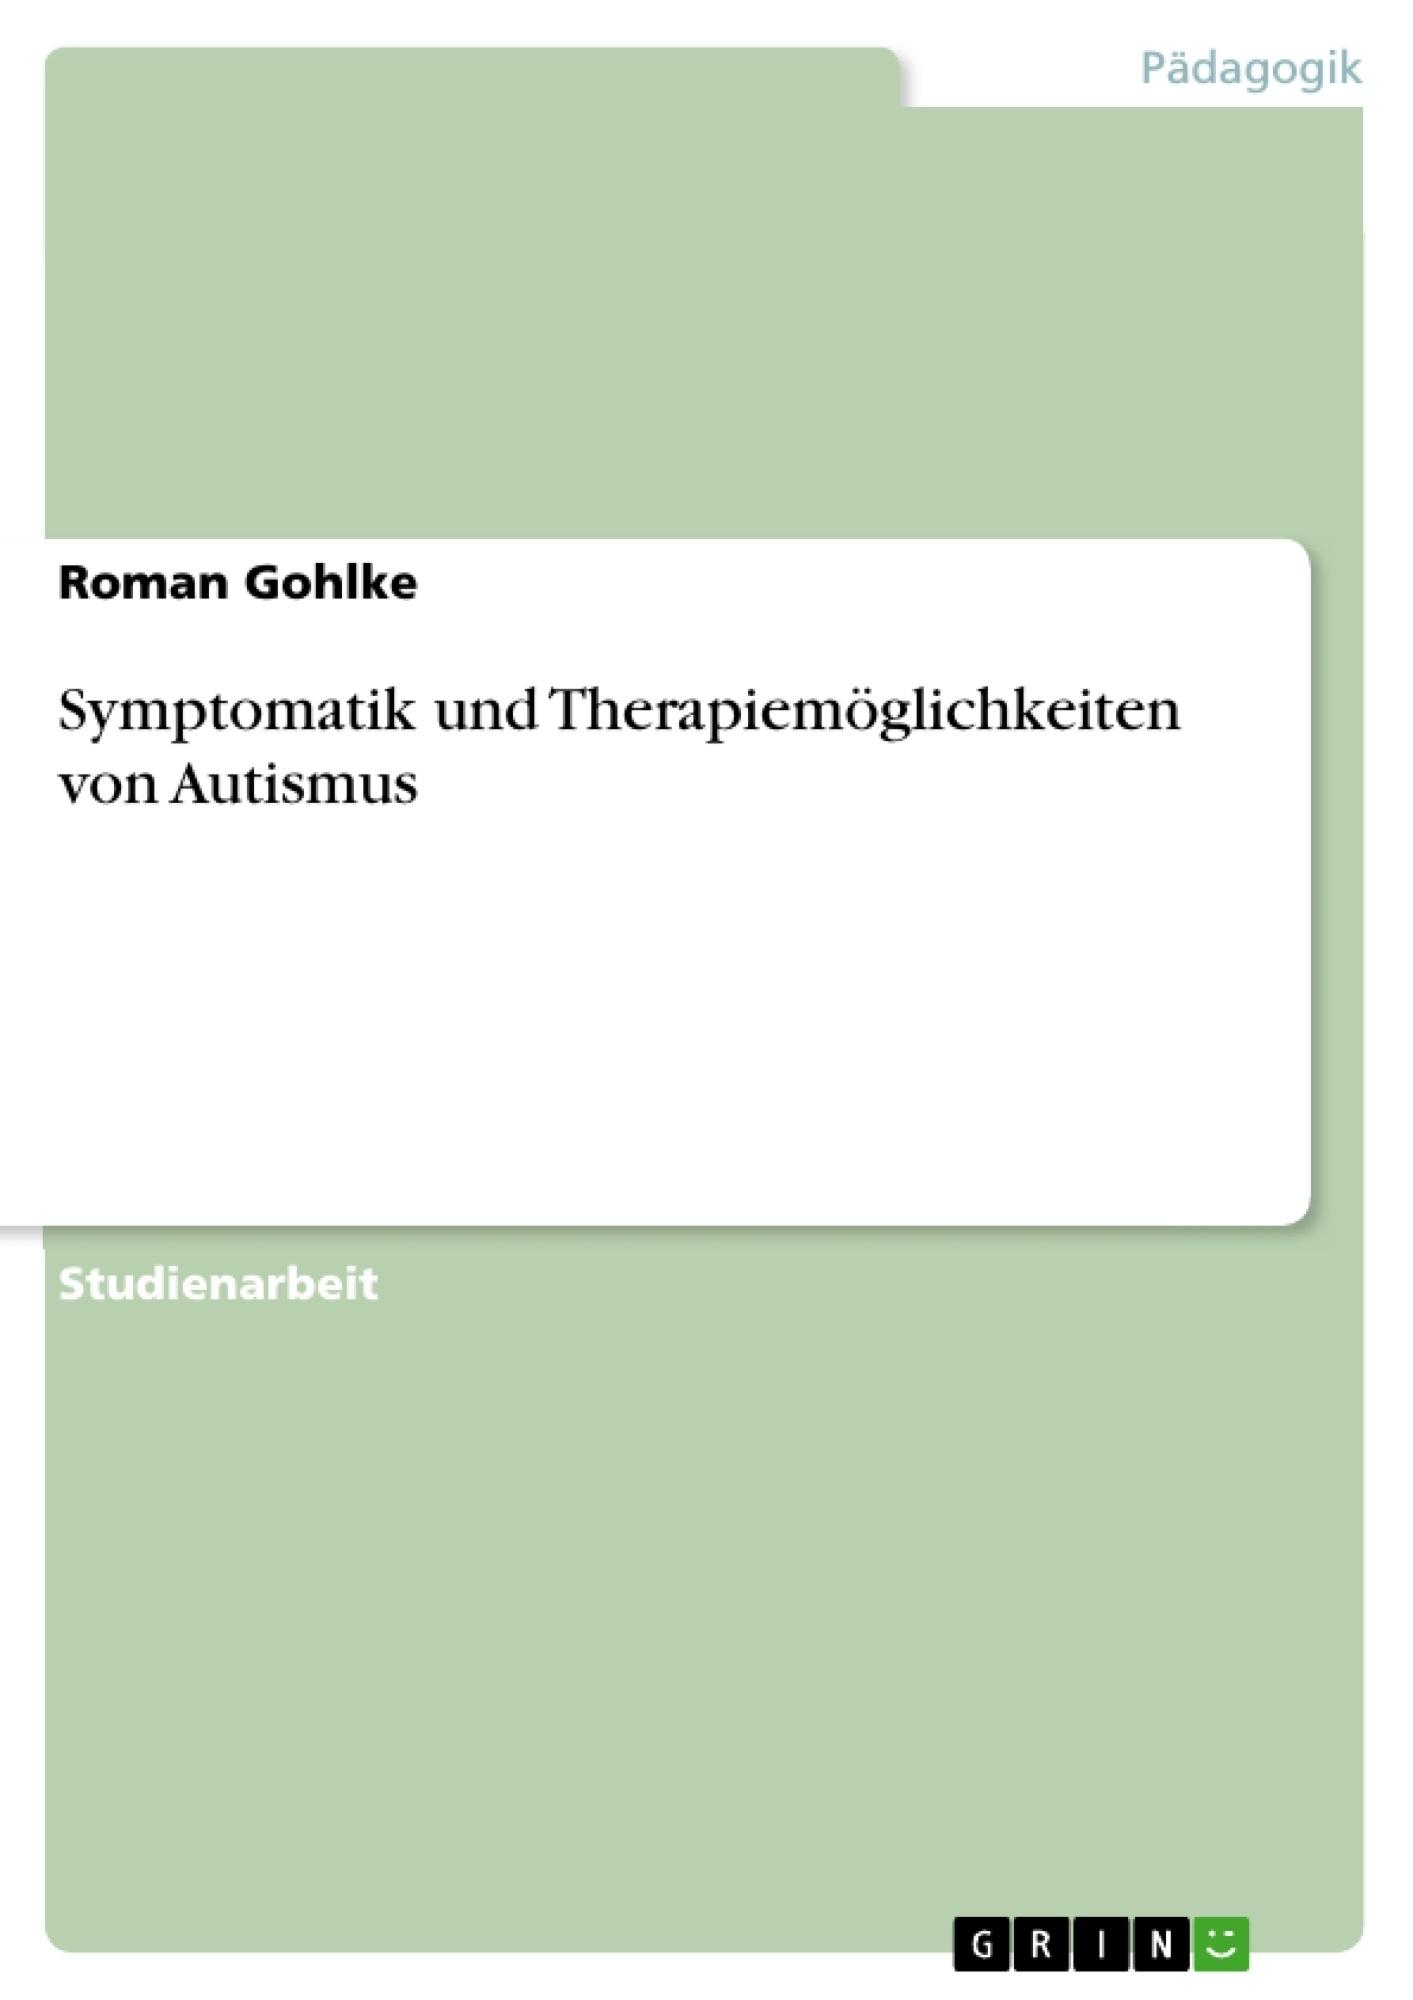 Titel: Symptomatik und Therapiemöglichkeiten von Autismus